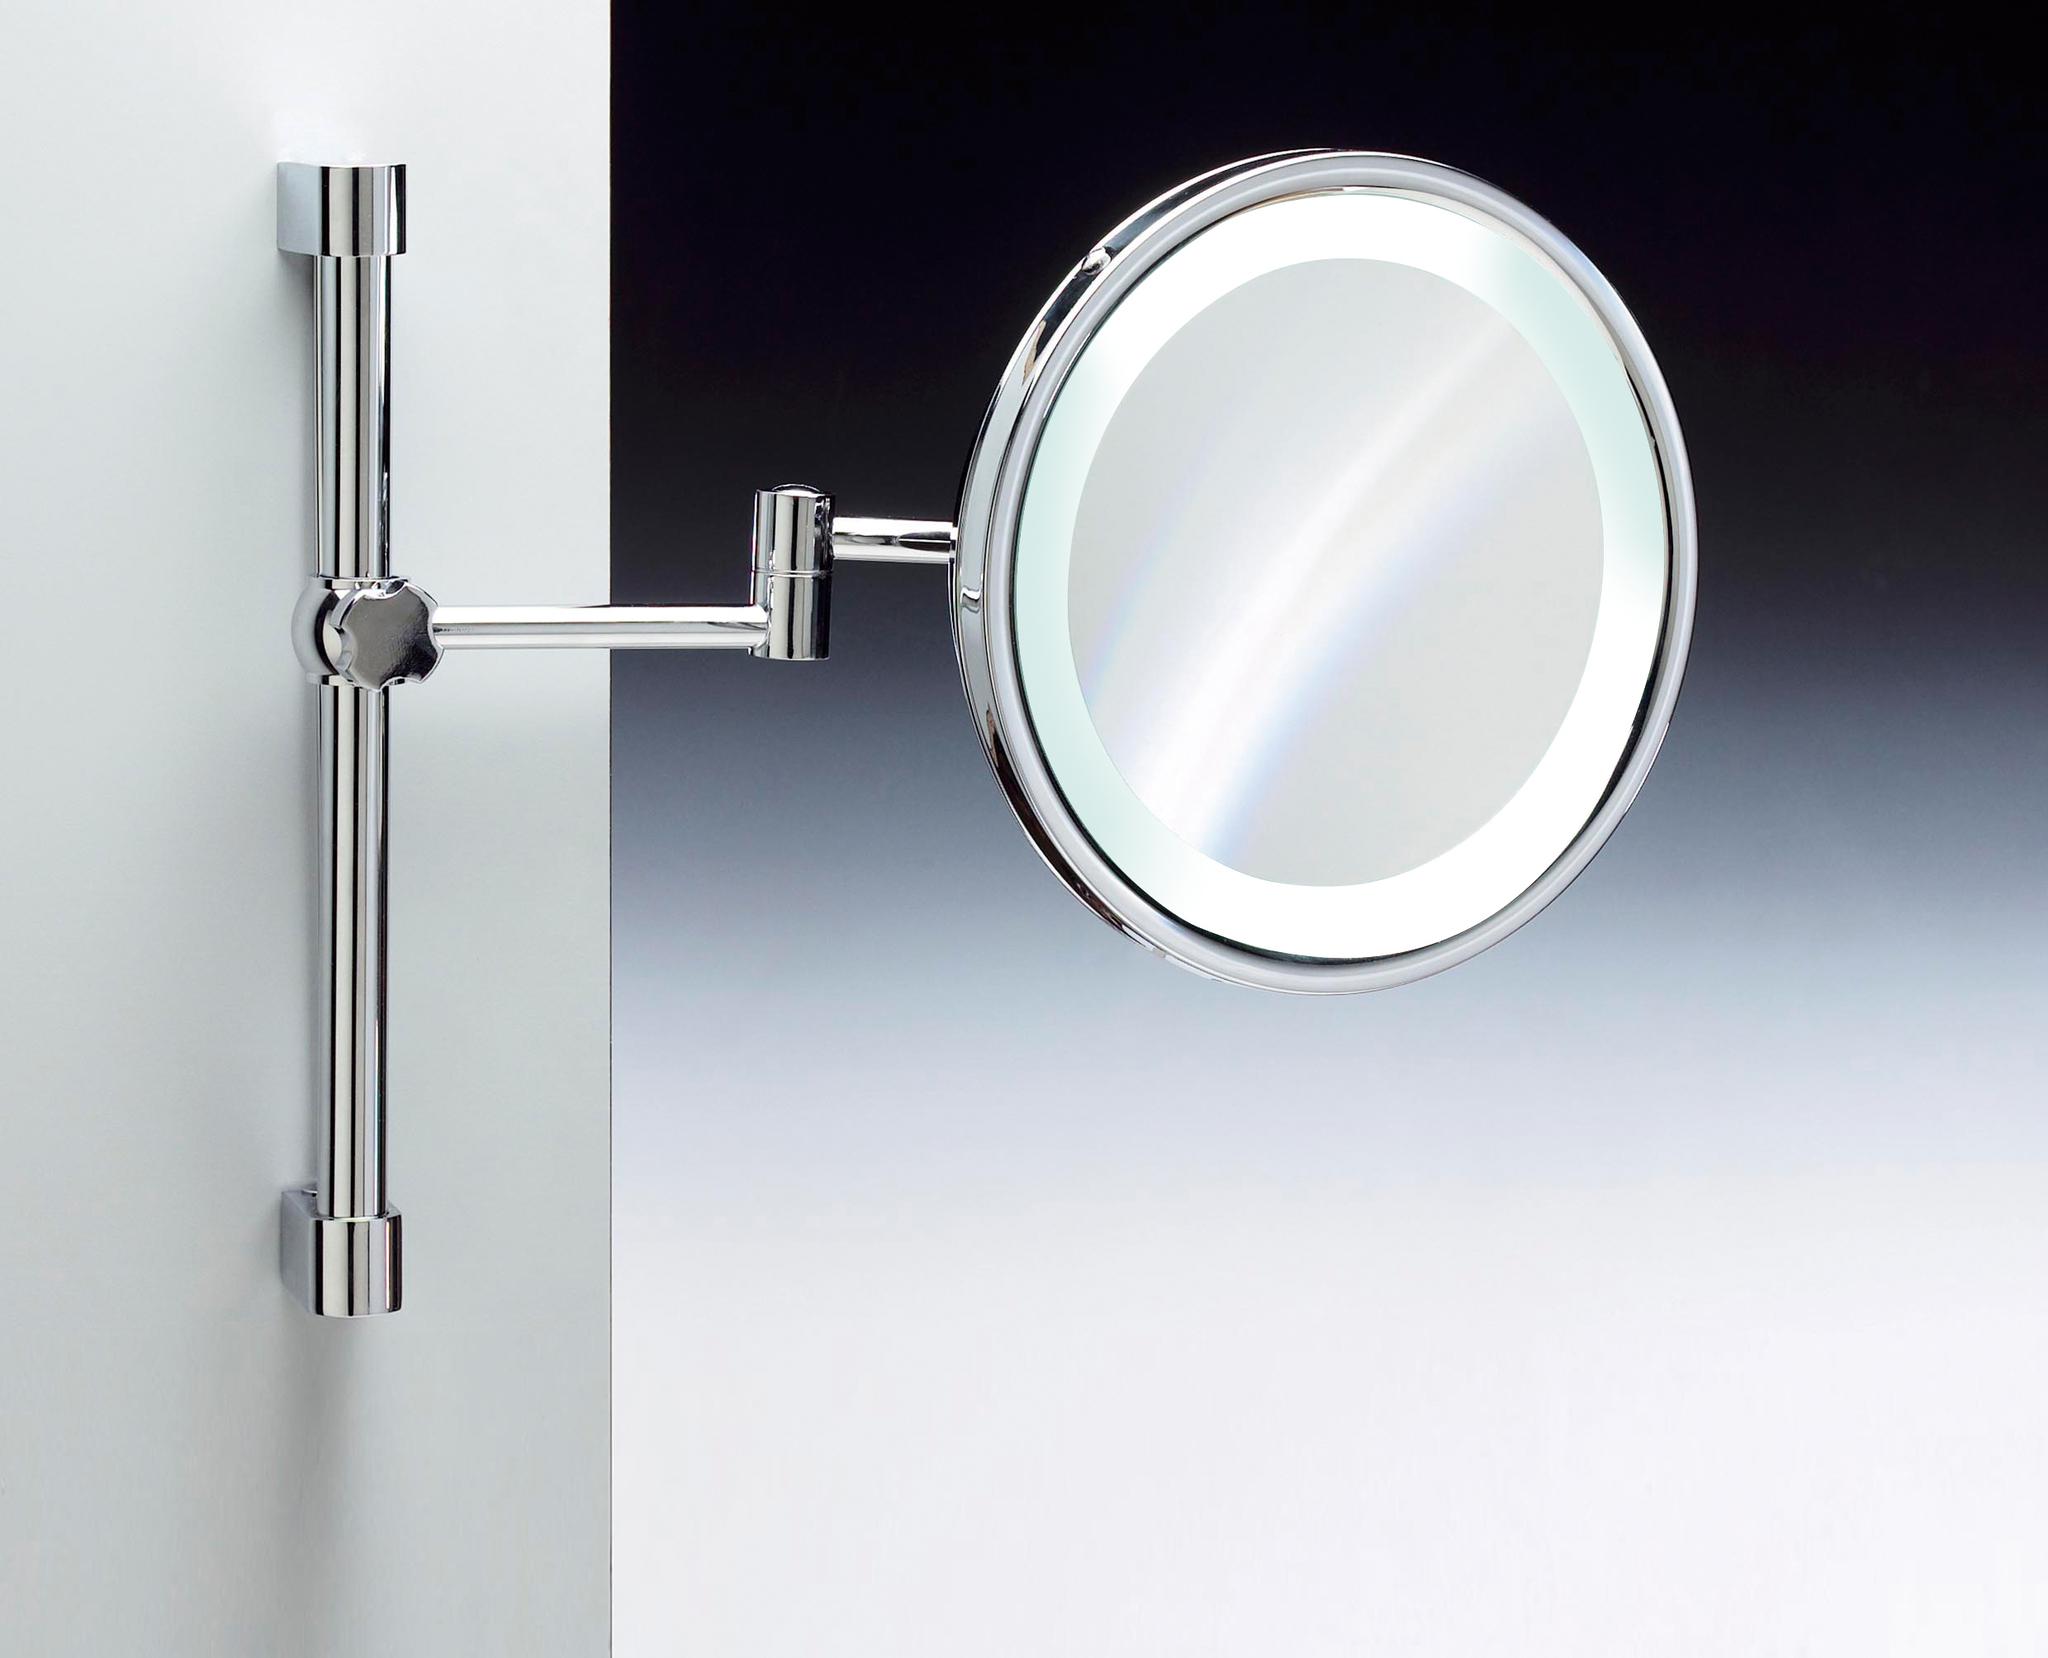 Зеркала Зеркало косметическое Windisch 99189CRO 5X elitnoe-zerkalo-kosmeticheskoe-99189-ot-windisch-ispaniya.jpg